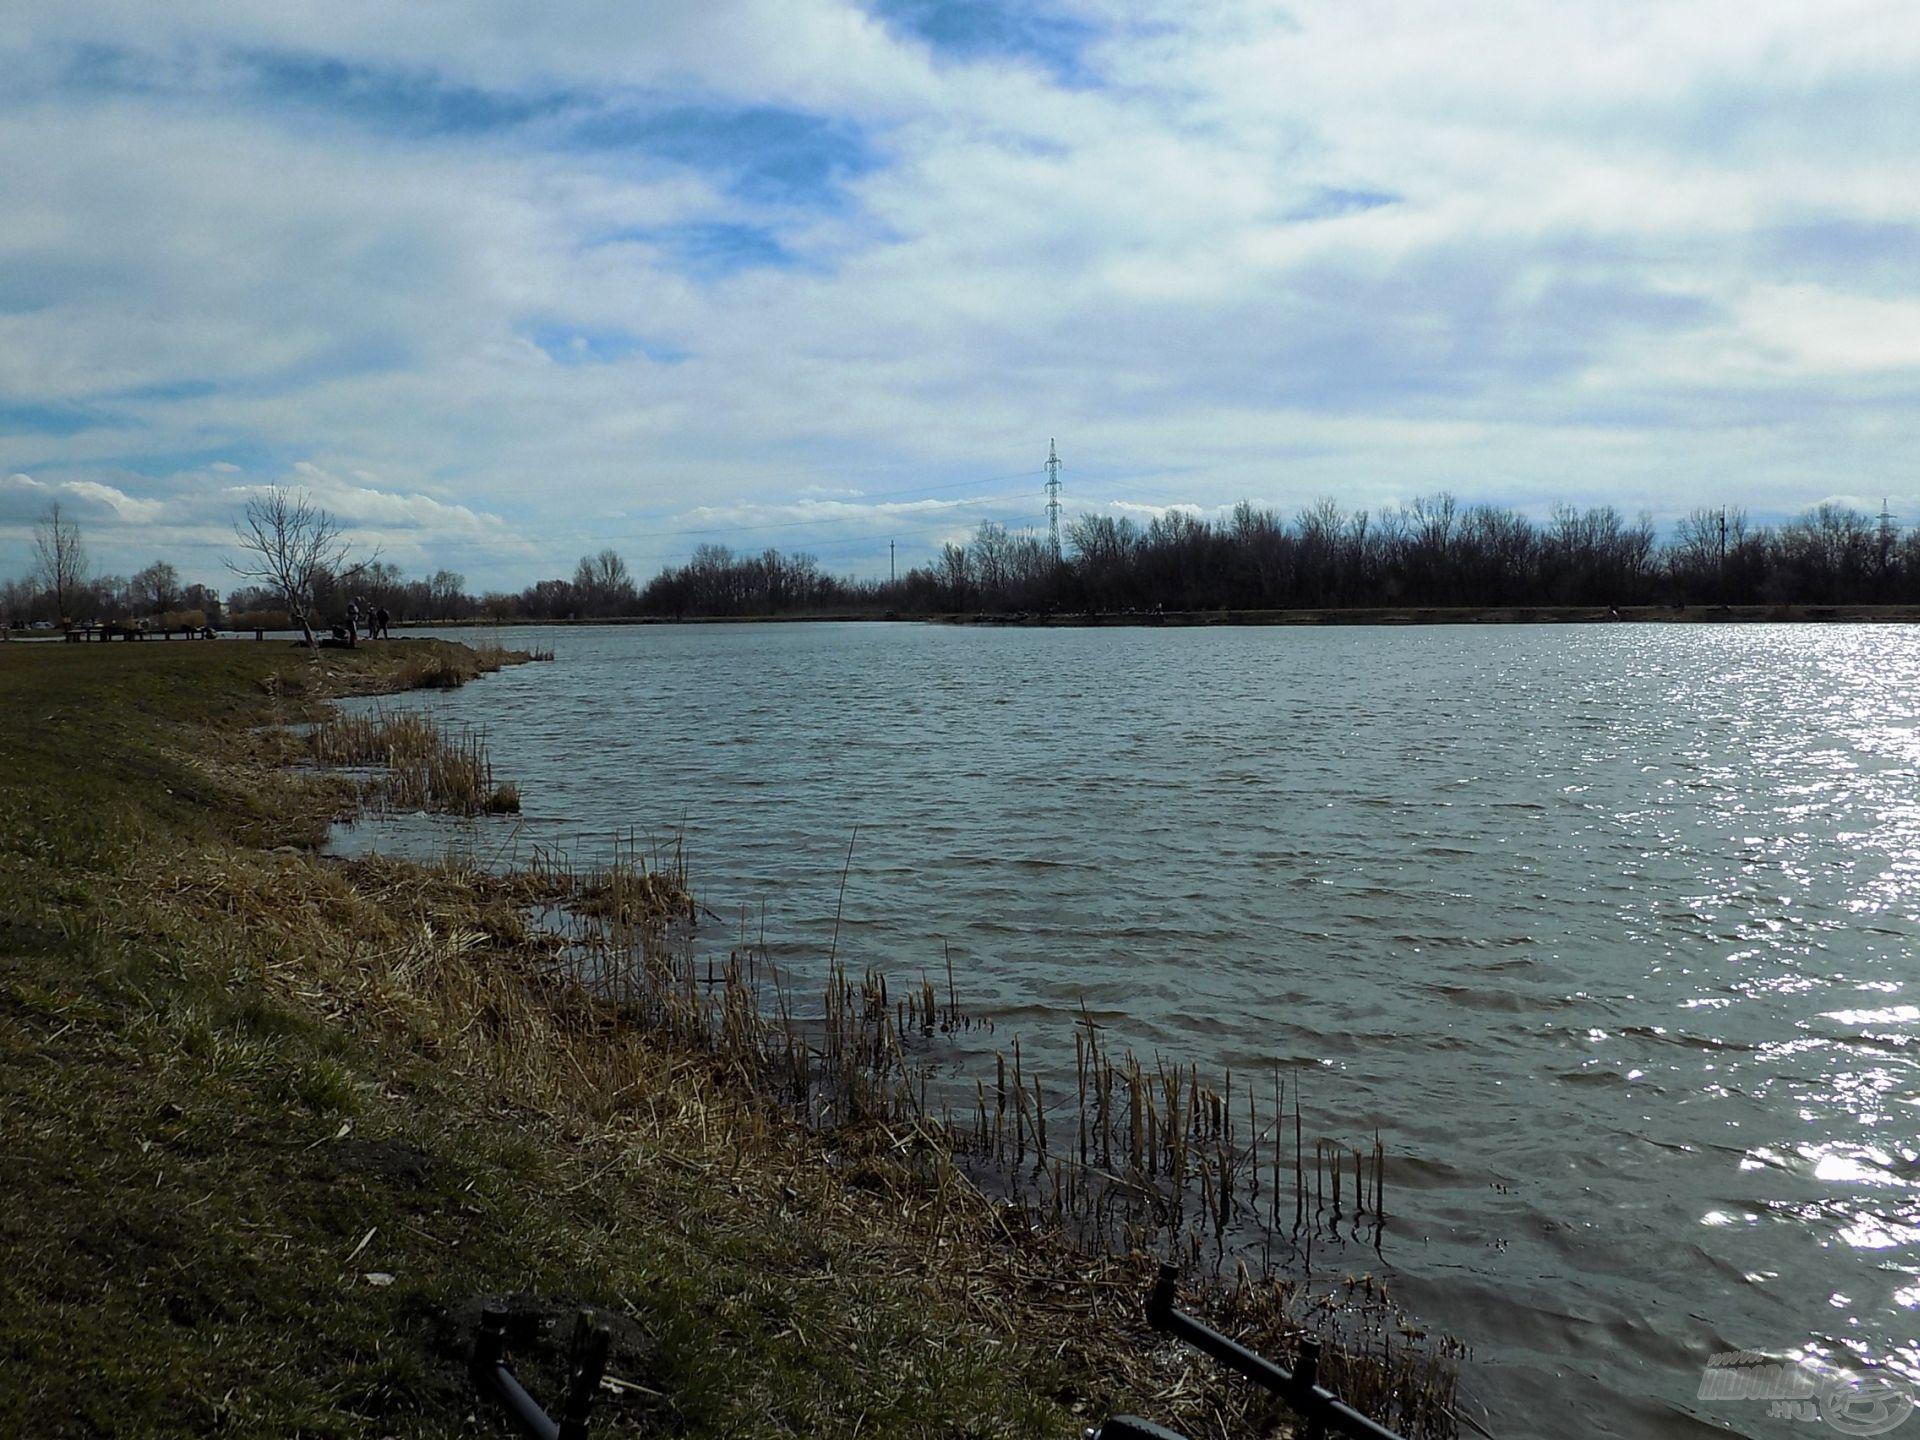 Márciusi tópart hideg széllel és kevés napsütéssel. Két héttel később már több a horgász, megtelik élettel a környék, fárasztásoktól, visító kapásoktól hangos a part